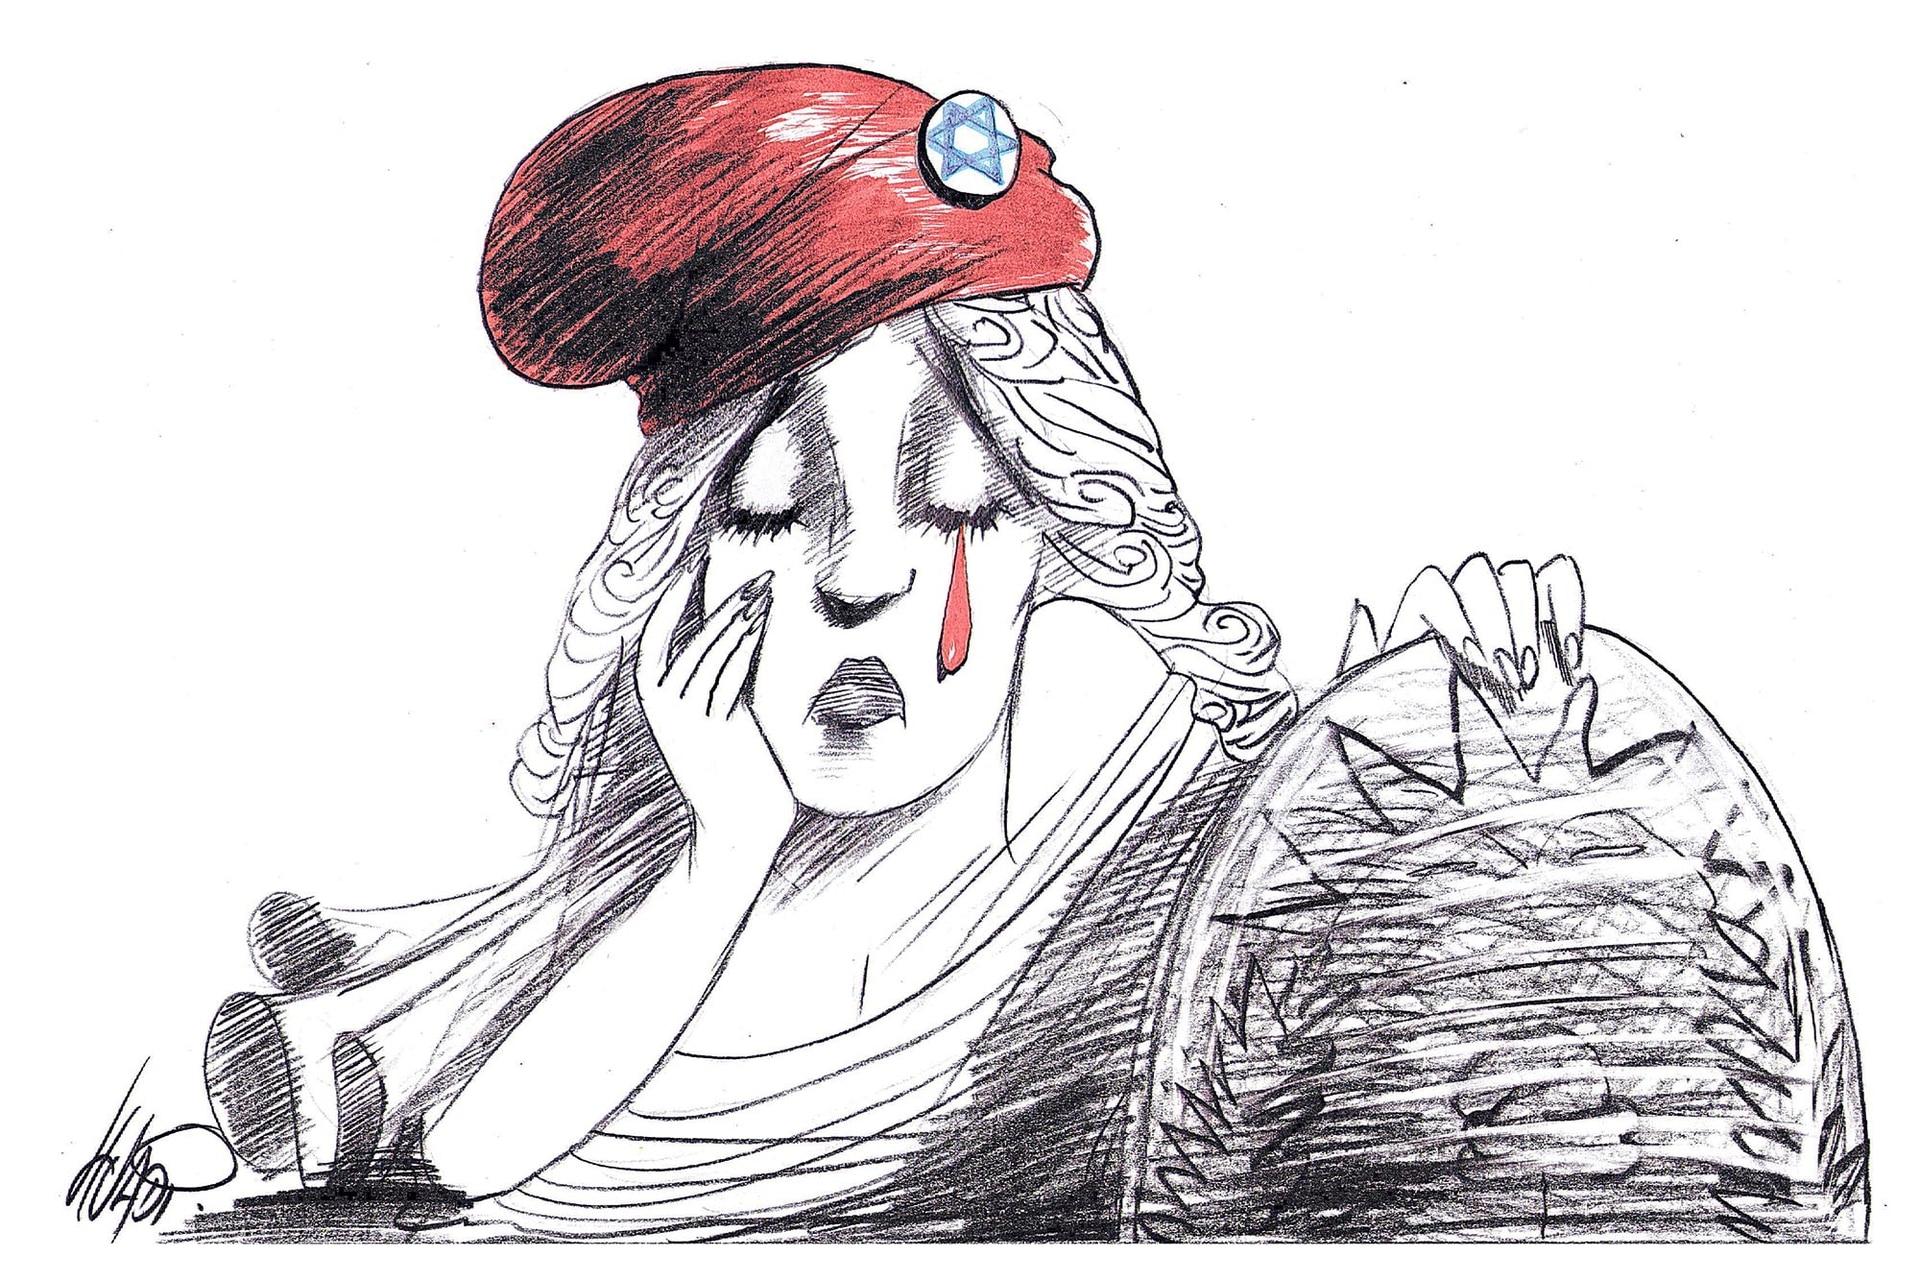 Ilustración publicada en el contexto de la investigación por el atentado a la AMIA, en 2015. El autor fue reconocido con el premio SIP